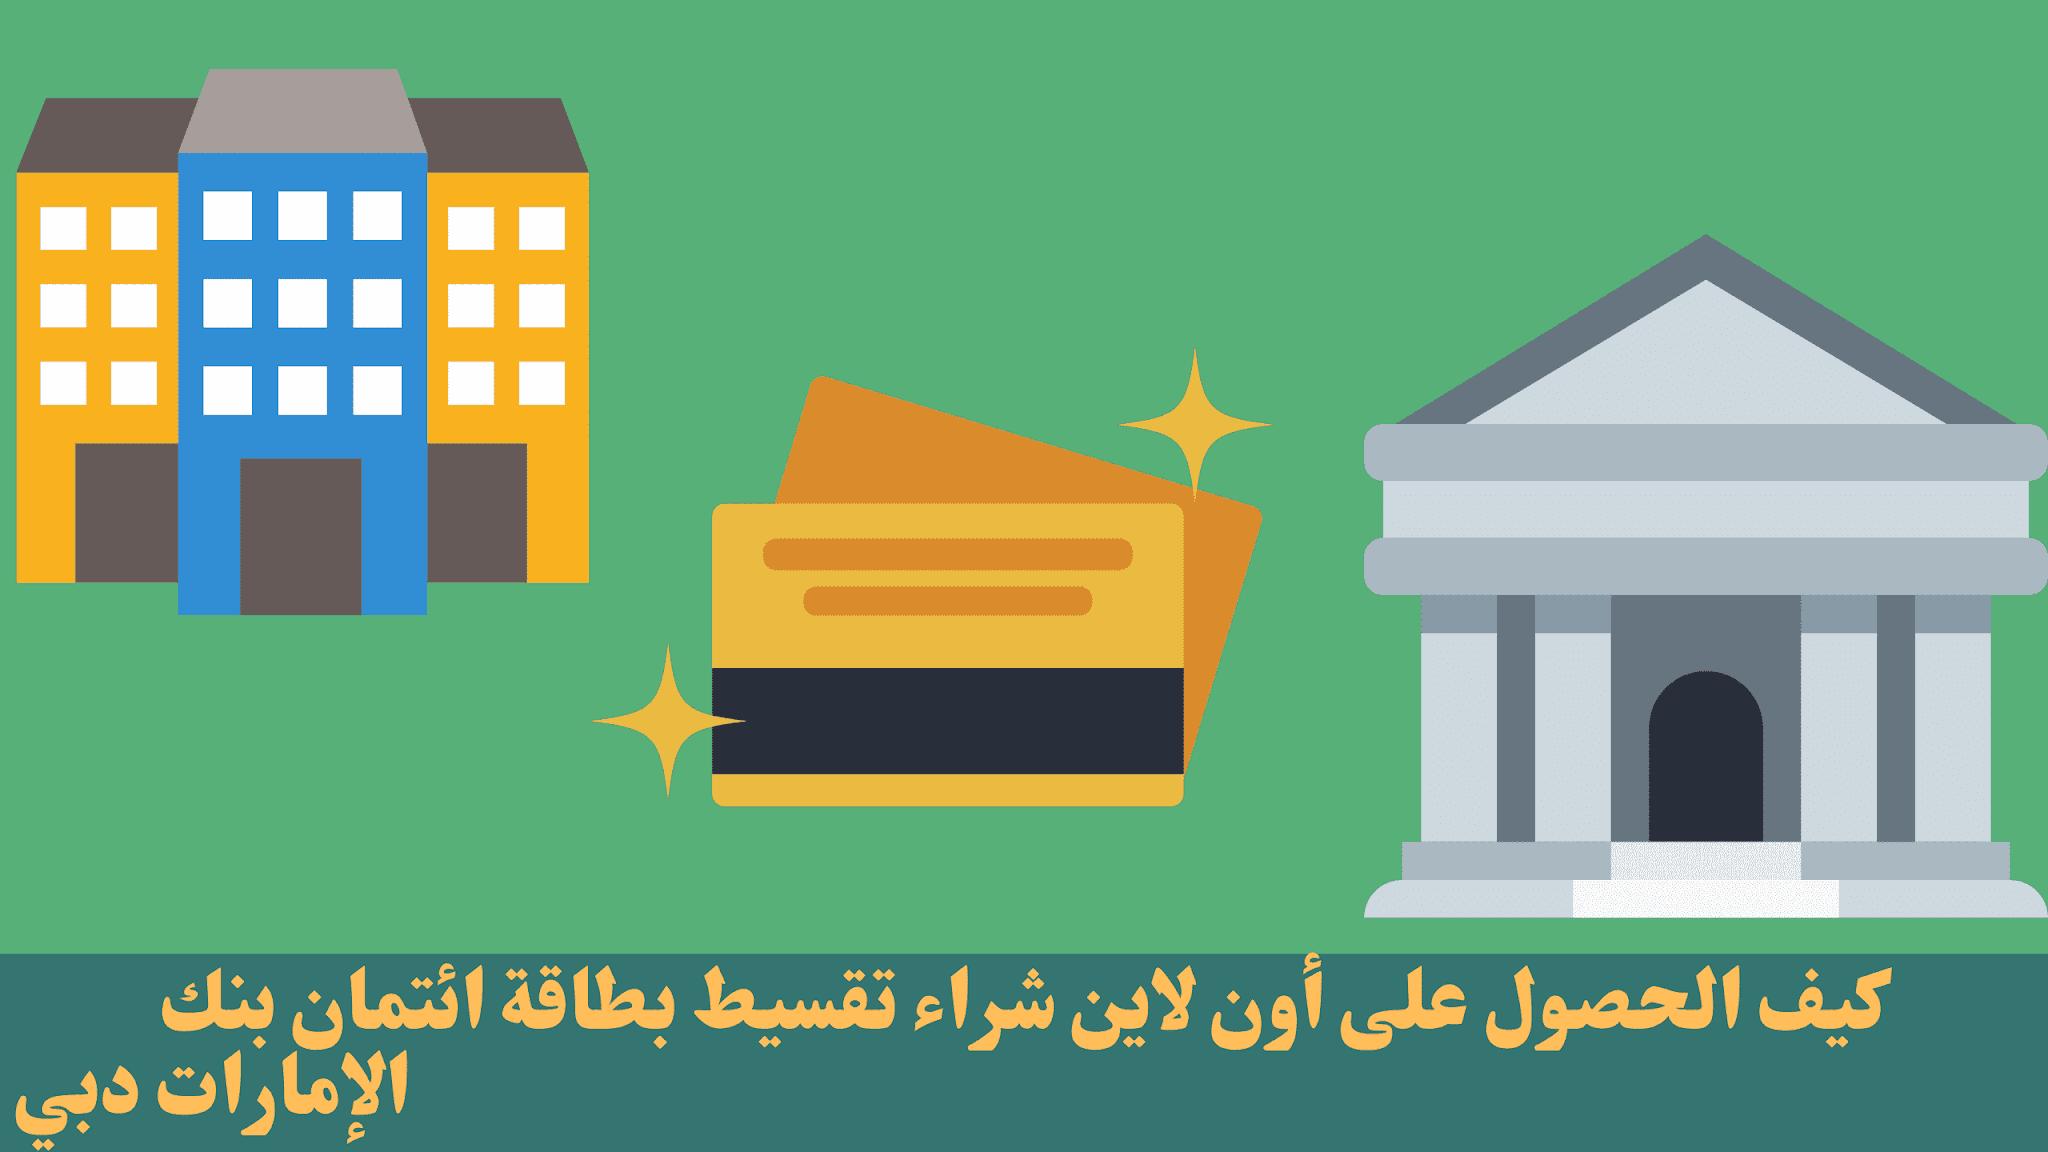 كيف الحصول على أون لاين شراء تقسيط بطاقة ائتمان بنك الإمارات دبي